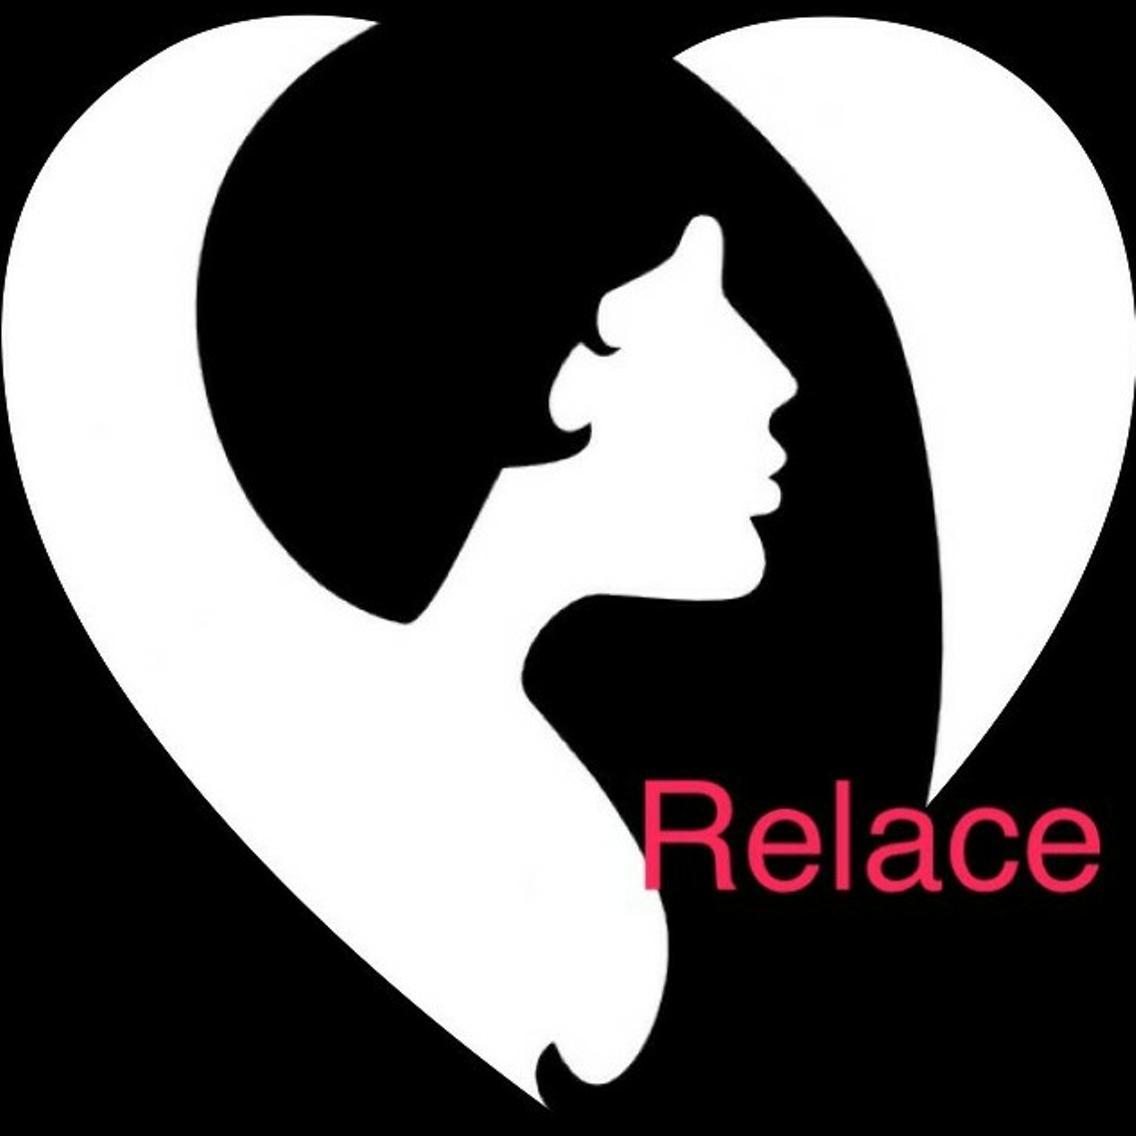 Relace~リラス~所属・皇(すめらぎ)凰の掲載